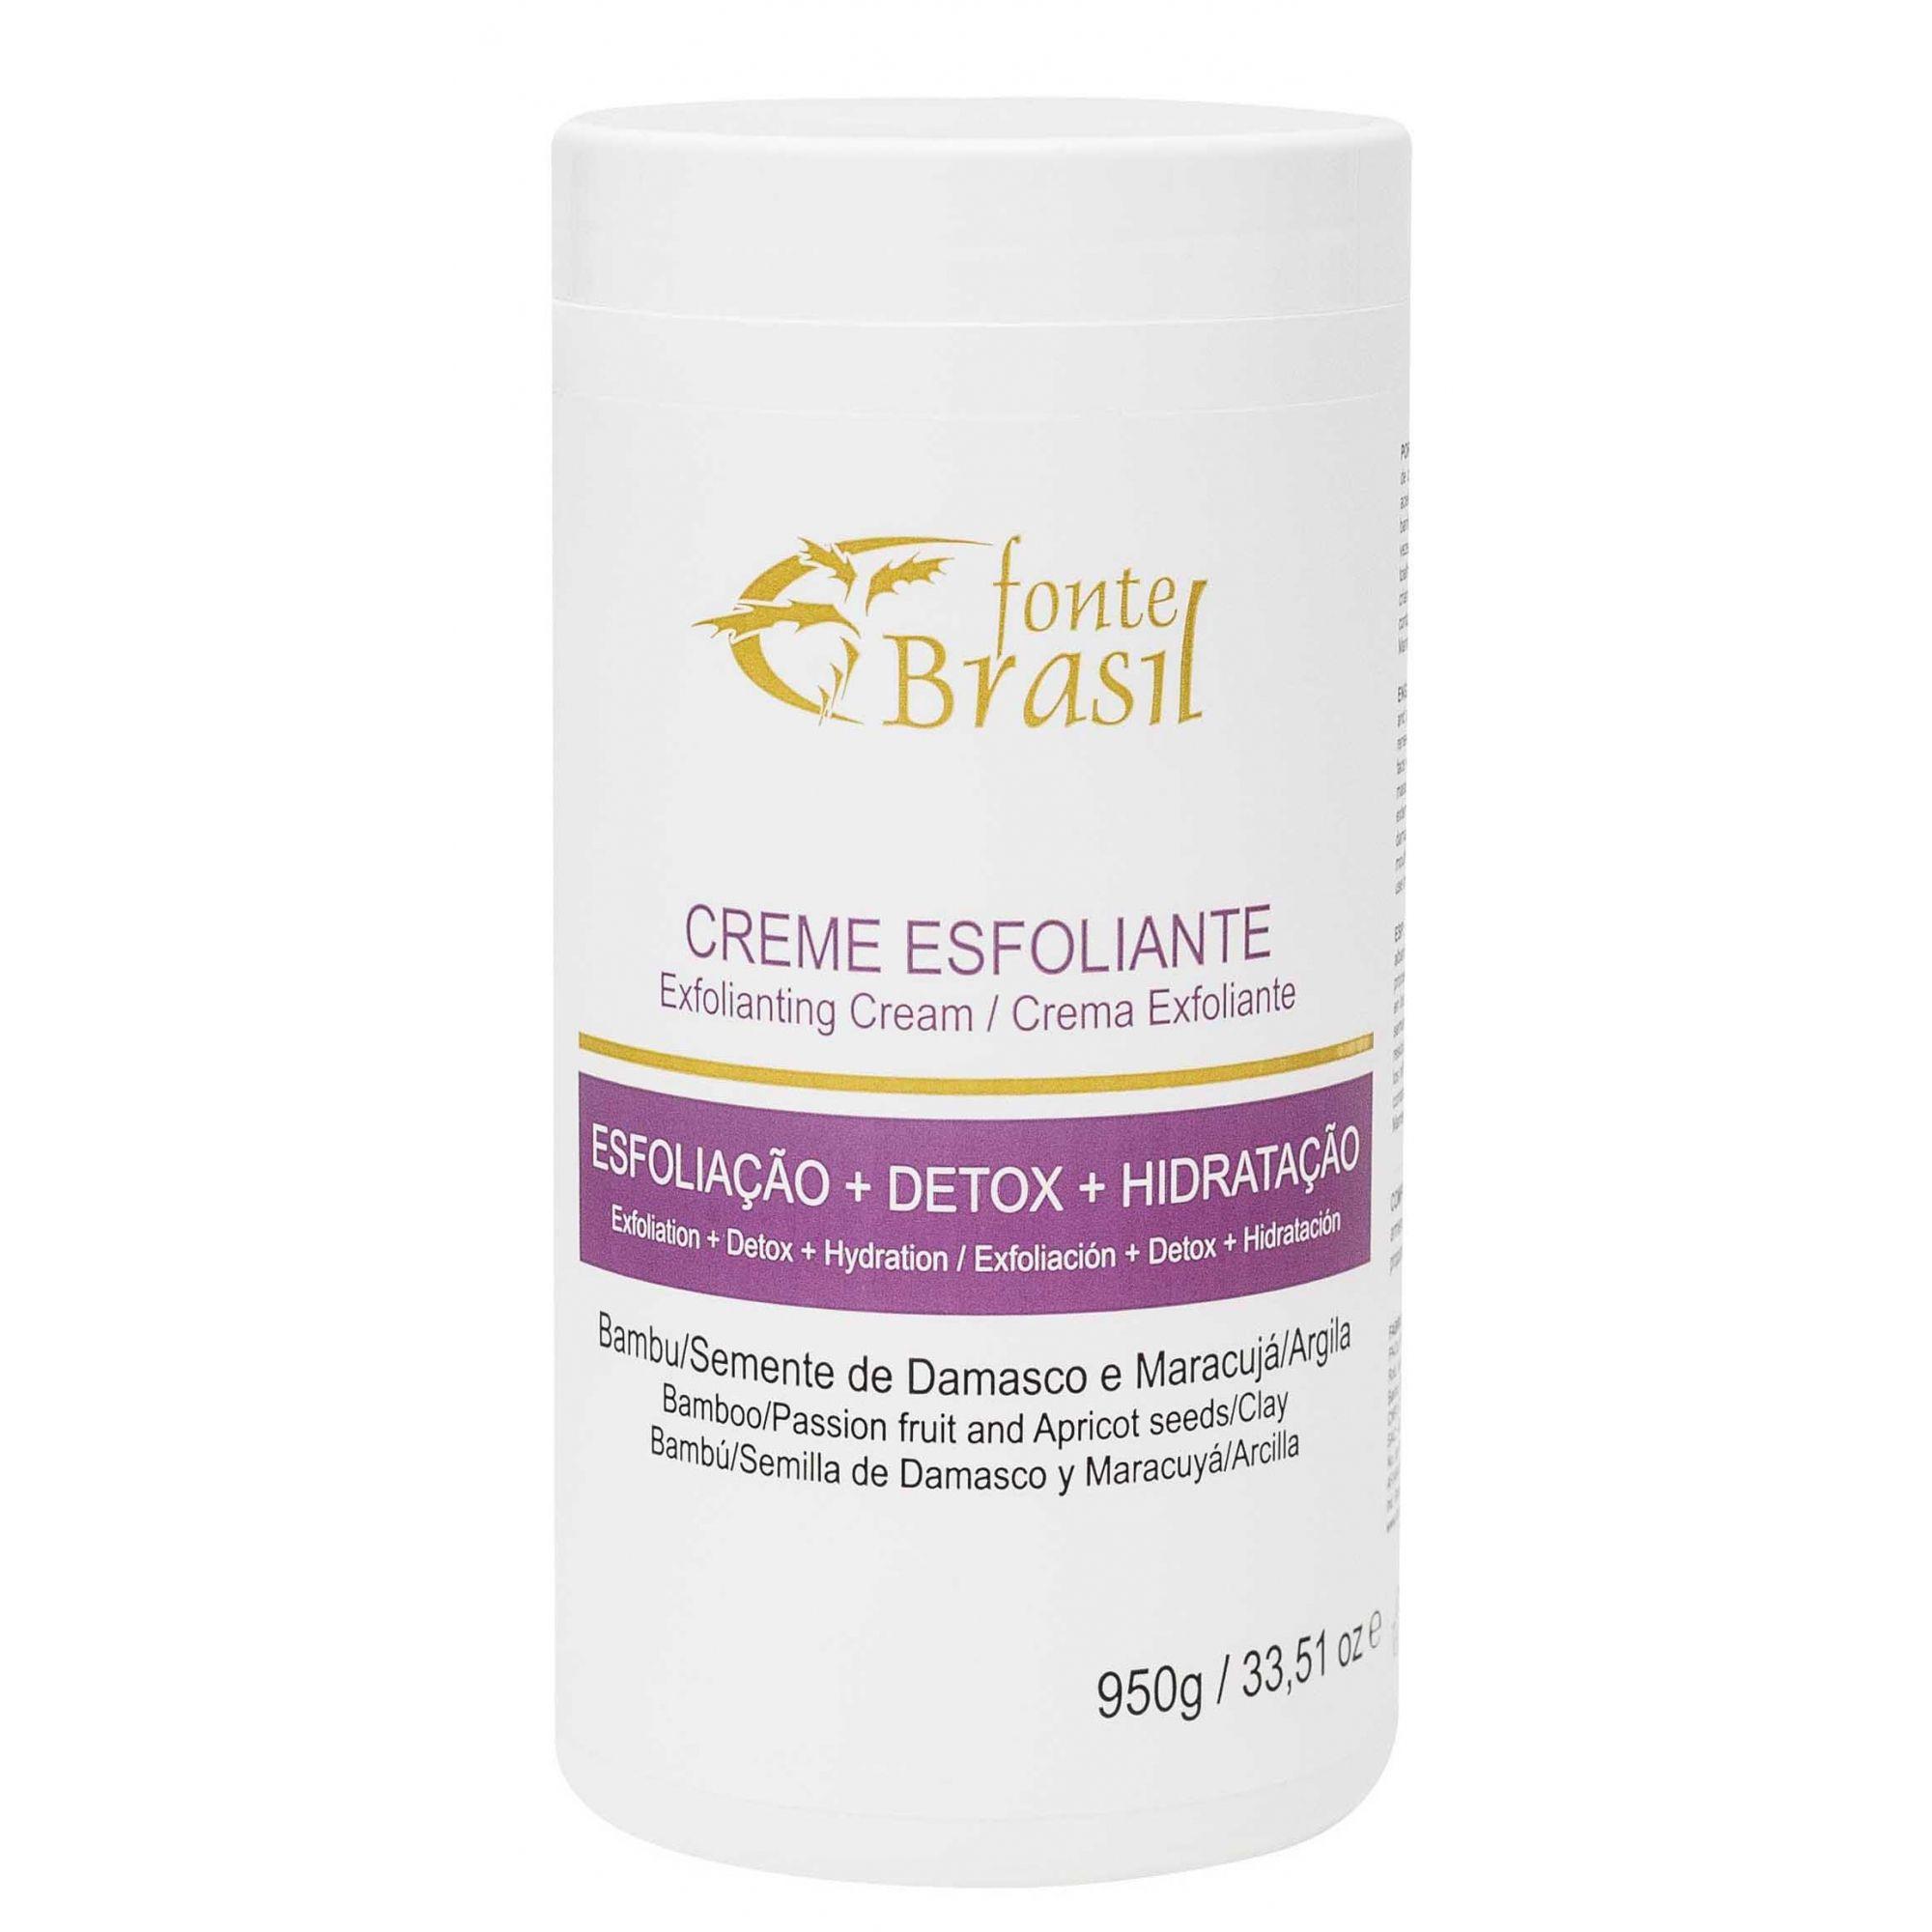 Creme Esfoliante 950g  - Fonte Brasil Cosméticos